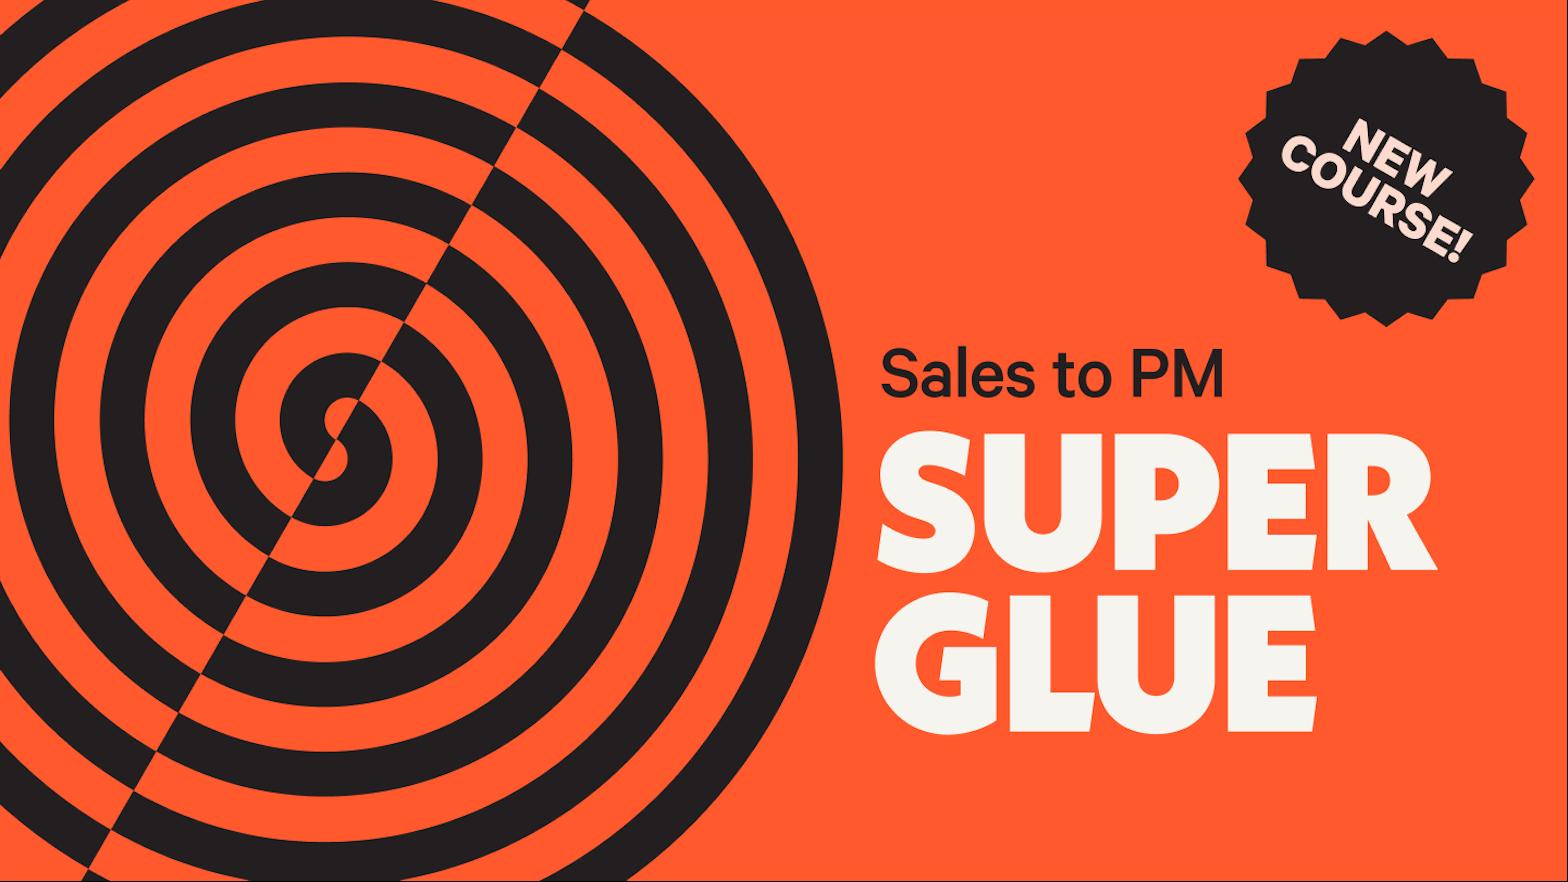 Sales to PM Super Glue